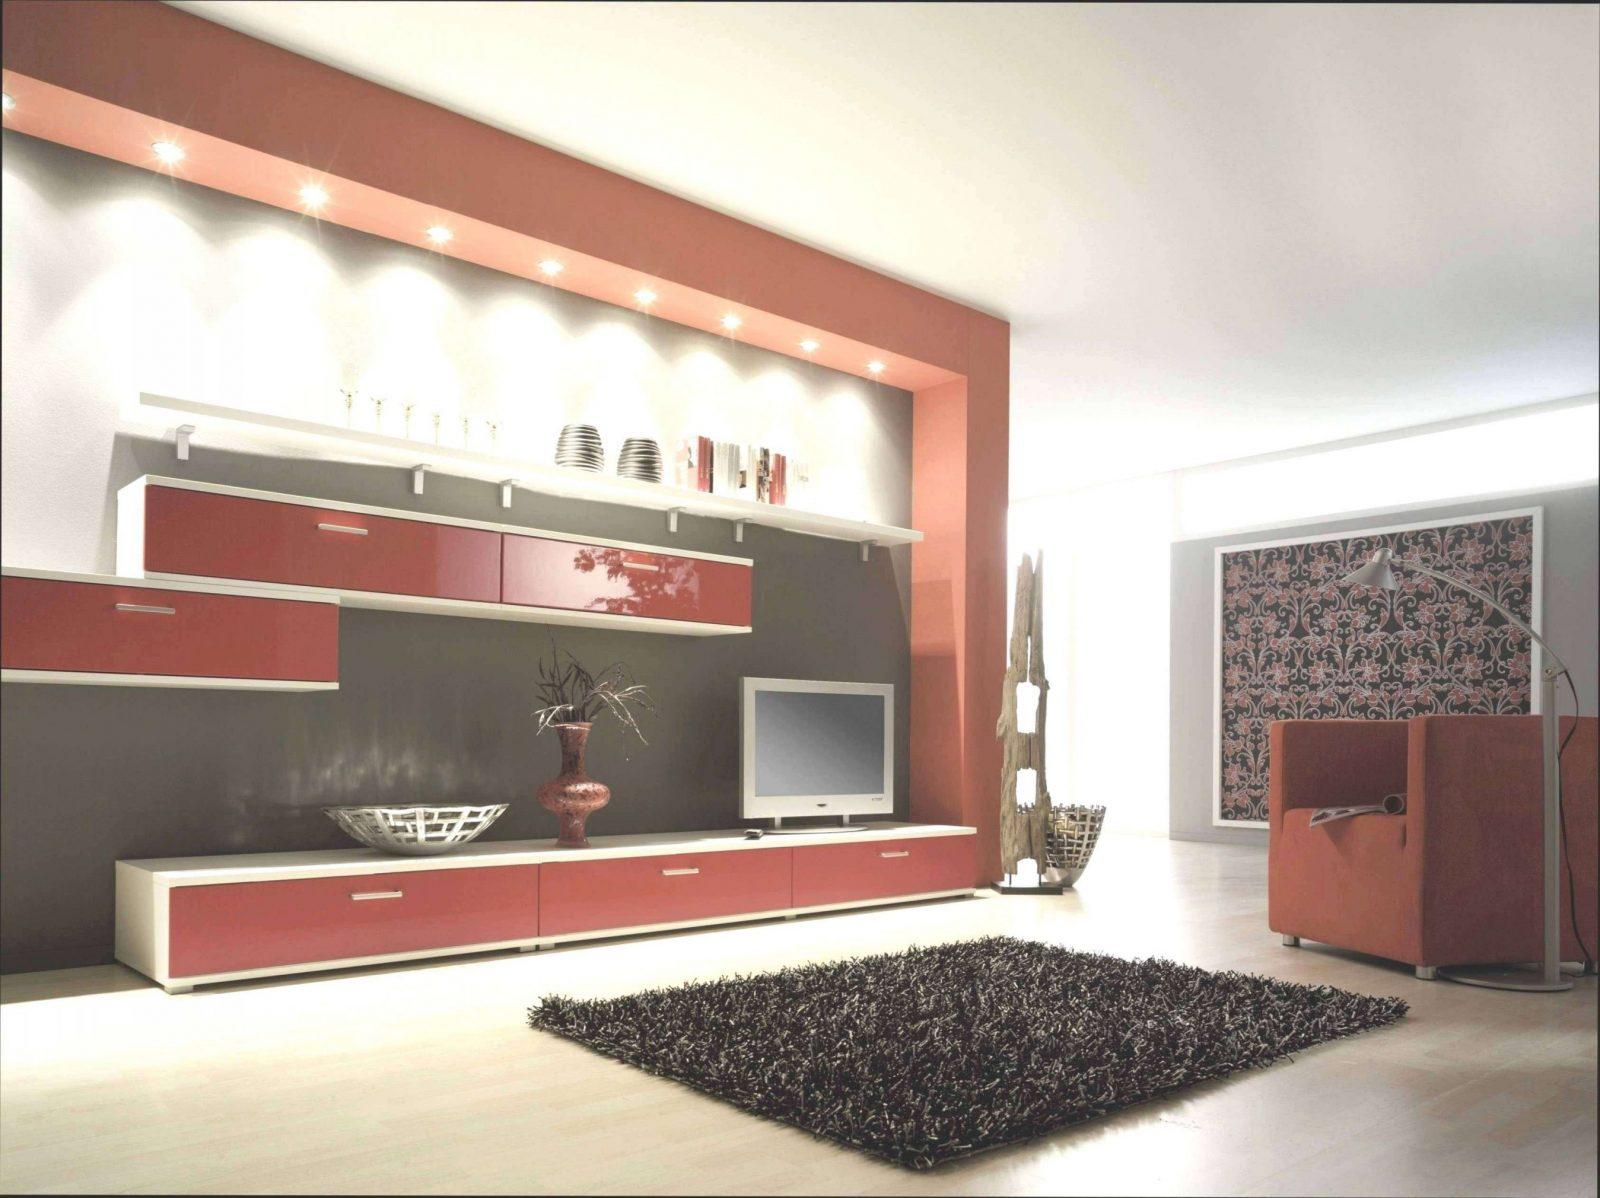 Wohnzimmer Einrichten Für Wenig Geld Einzigartig Sitzecke In von Wohnzimmer Neu Gestalten Mit Wenig Geld Photo